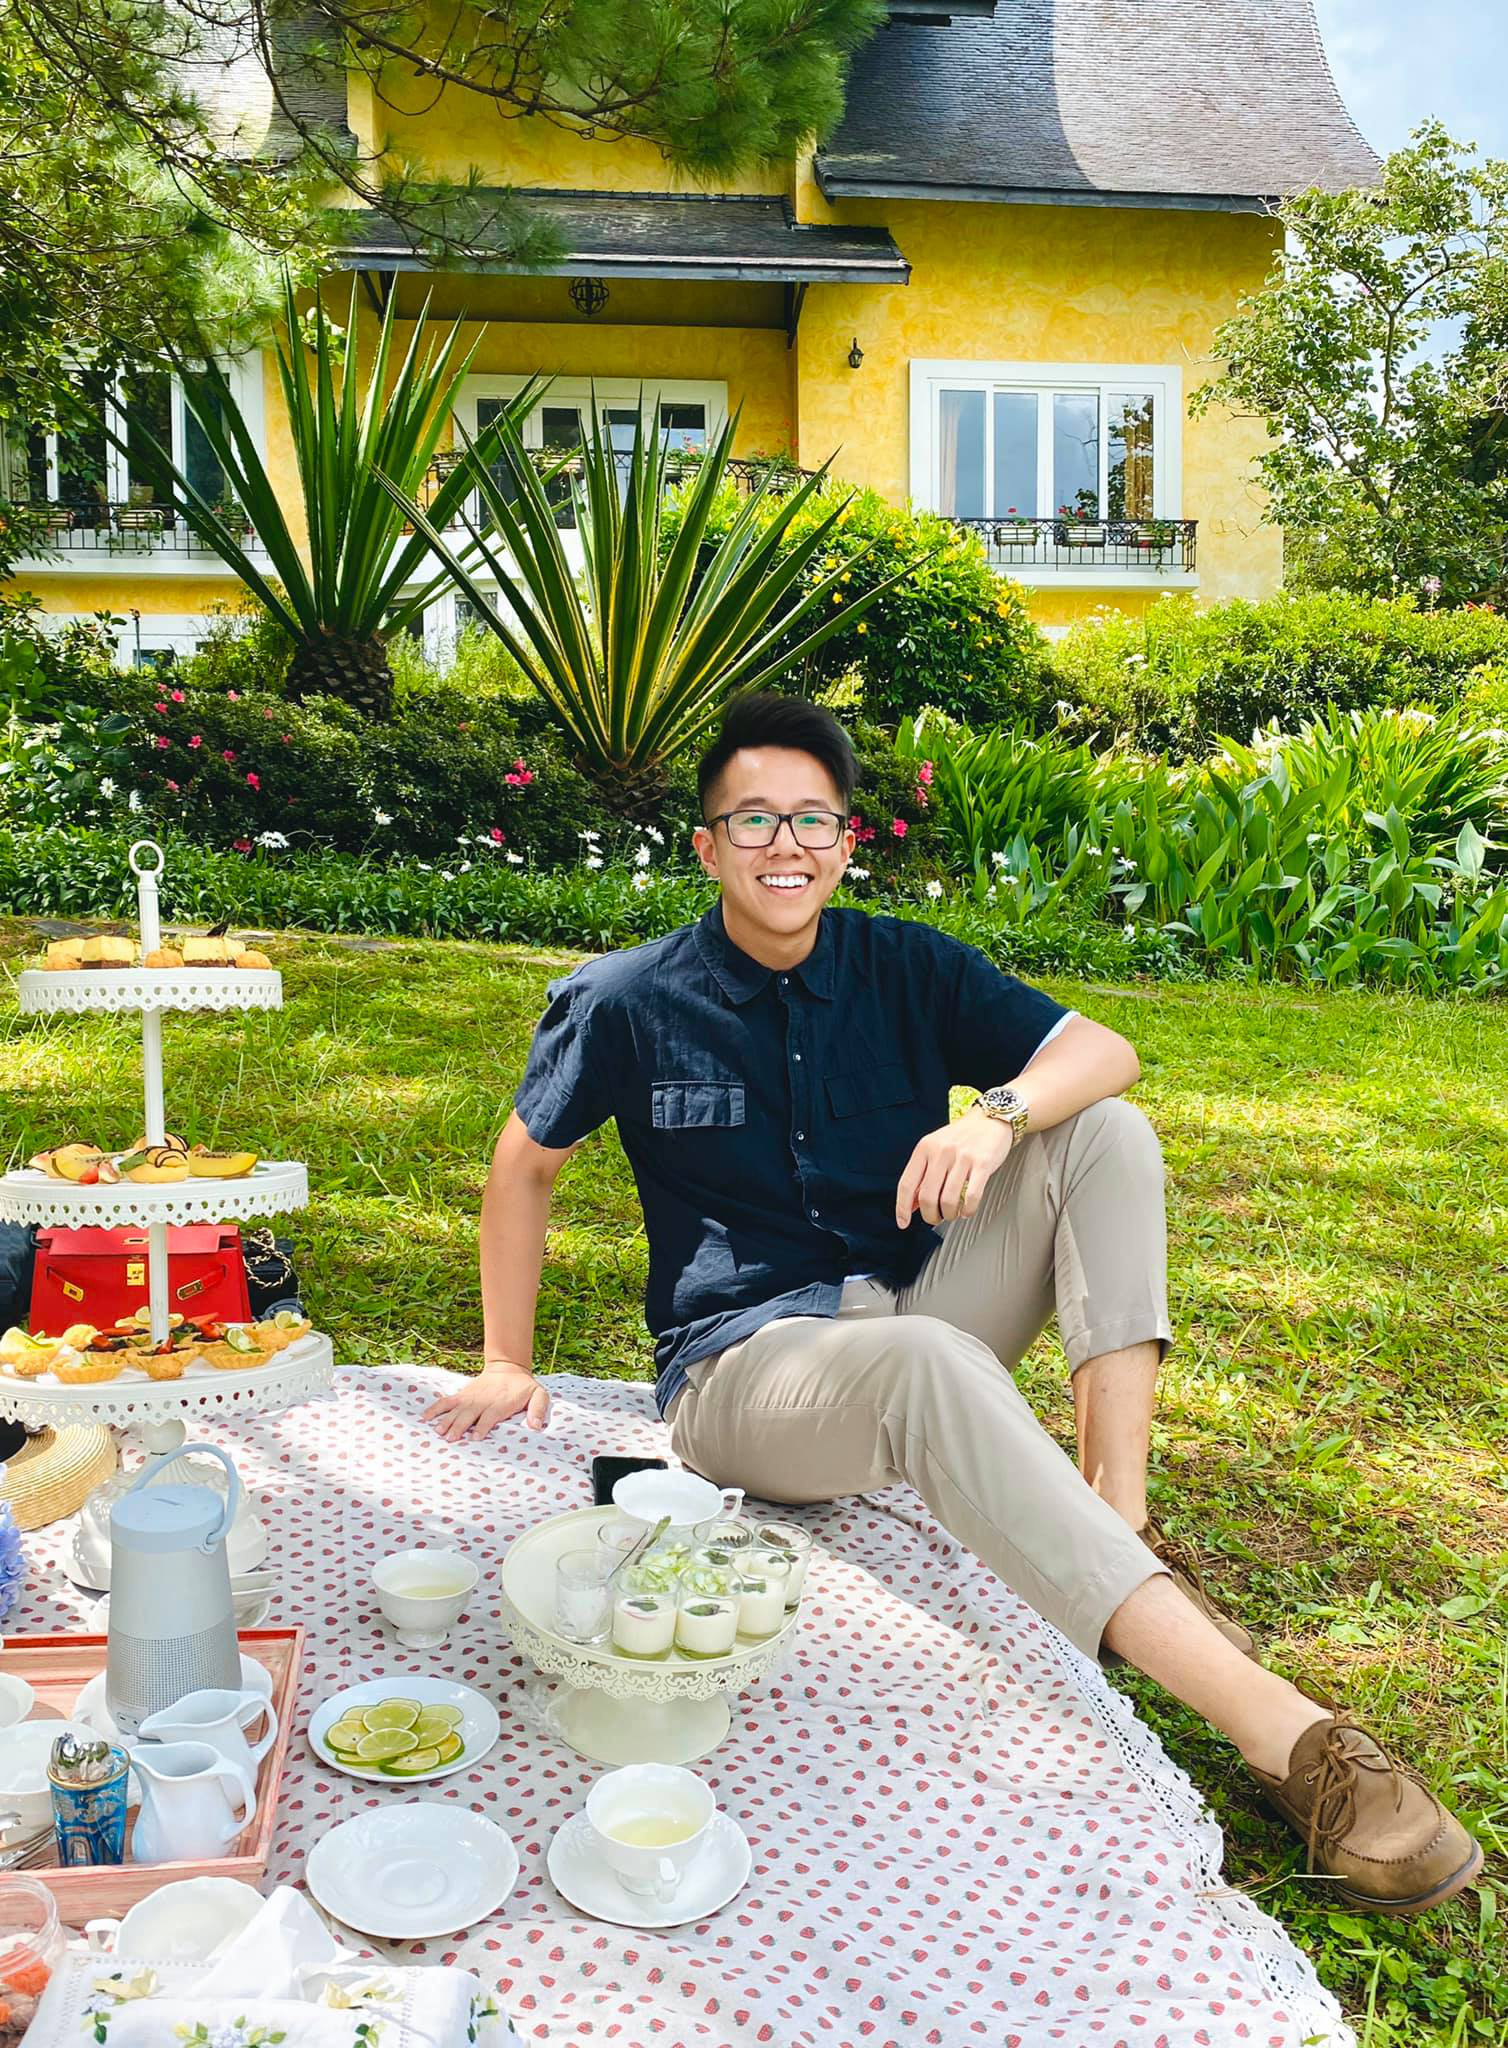 Mới yêu 3 tháng mà Matt Liu đã cung phụng Hương Giang như bà hoàng, từ hành động cho đến vật chất đều toát lên mùi đại gia-5